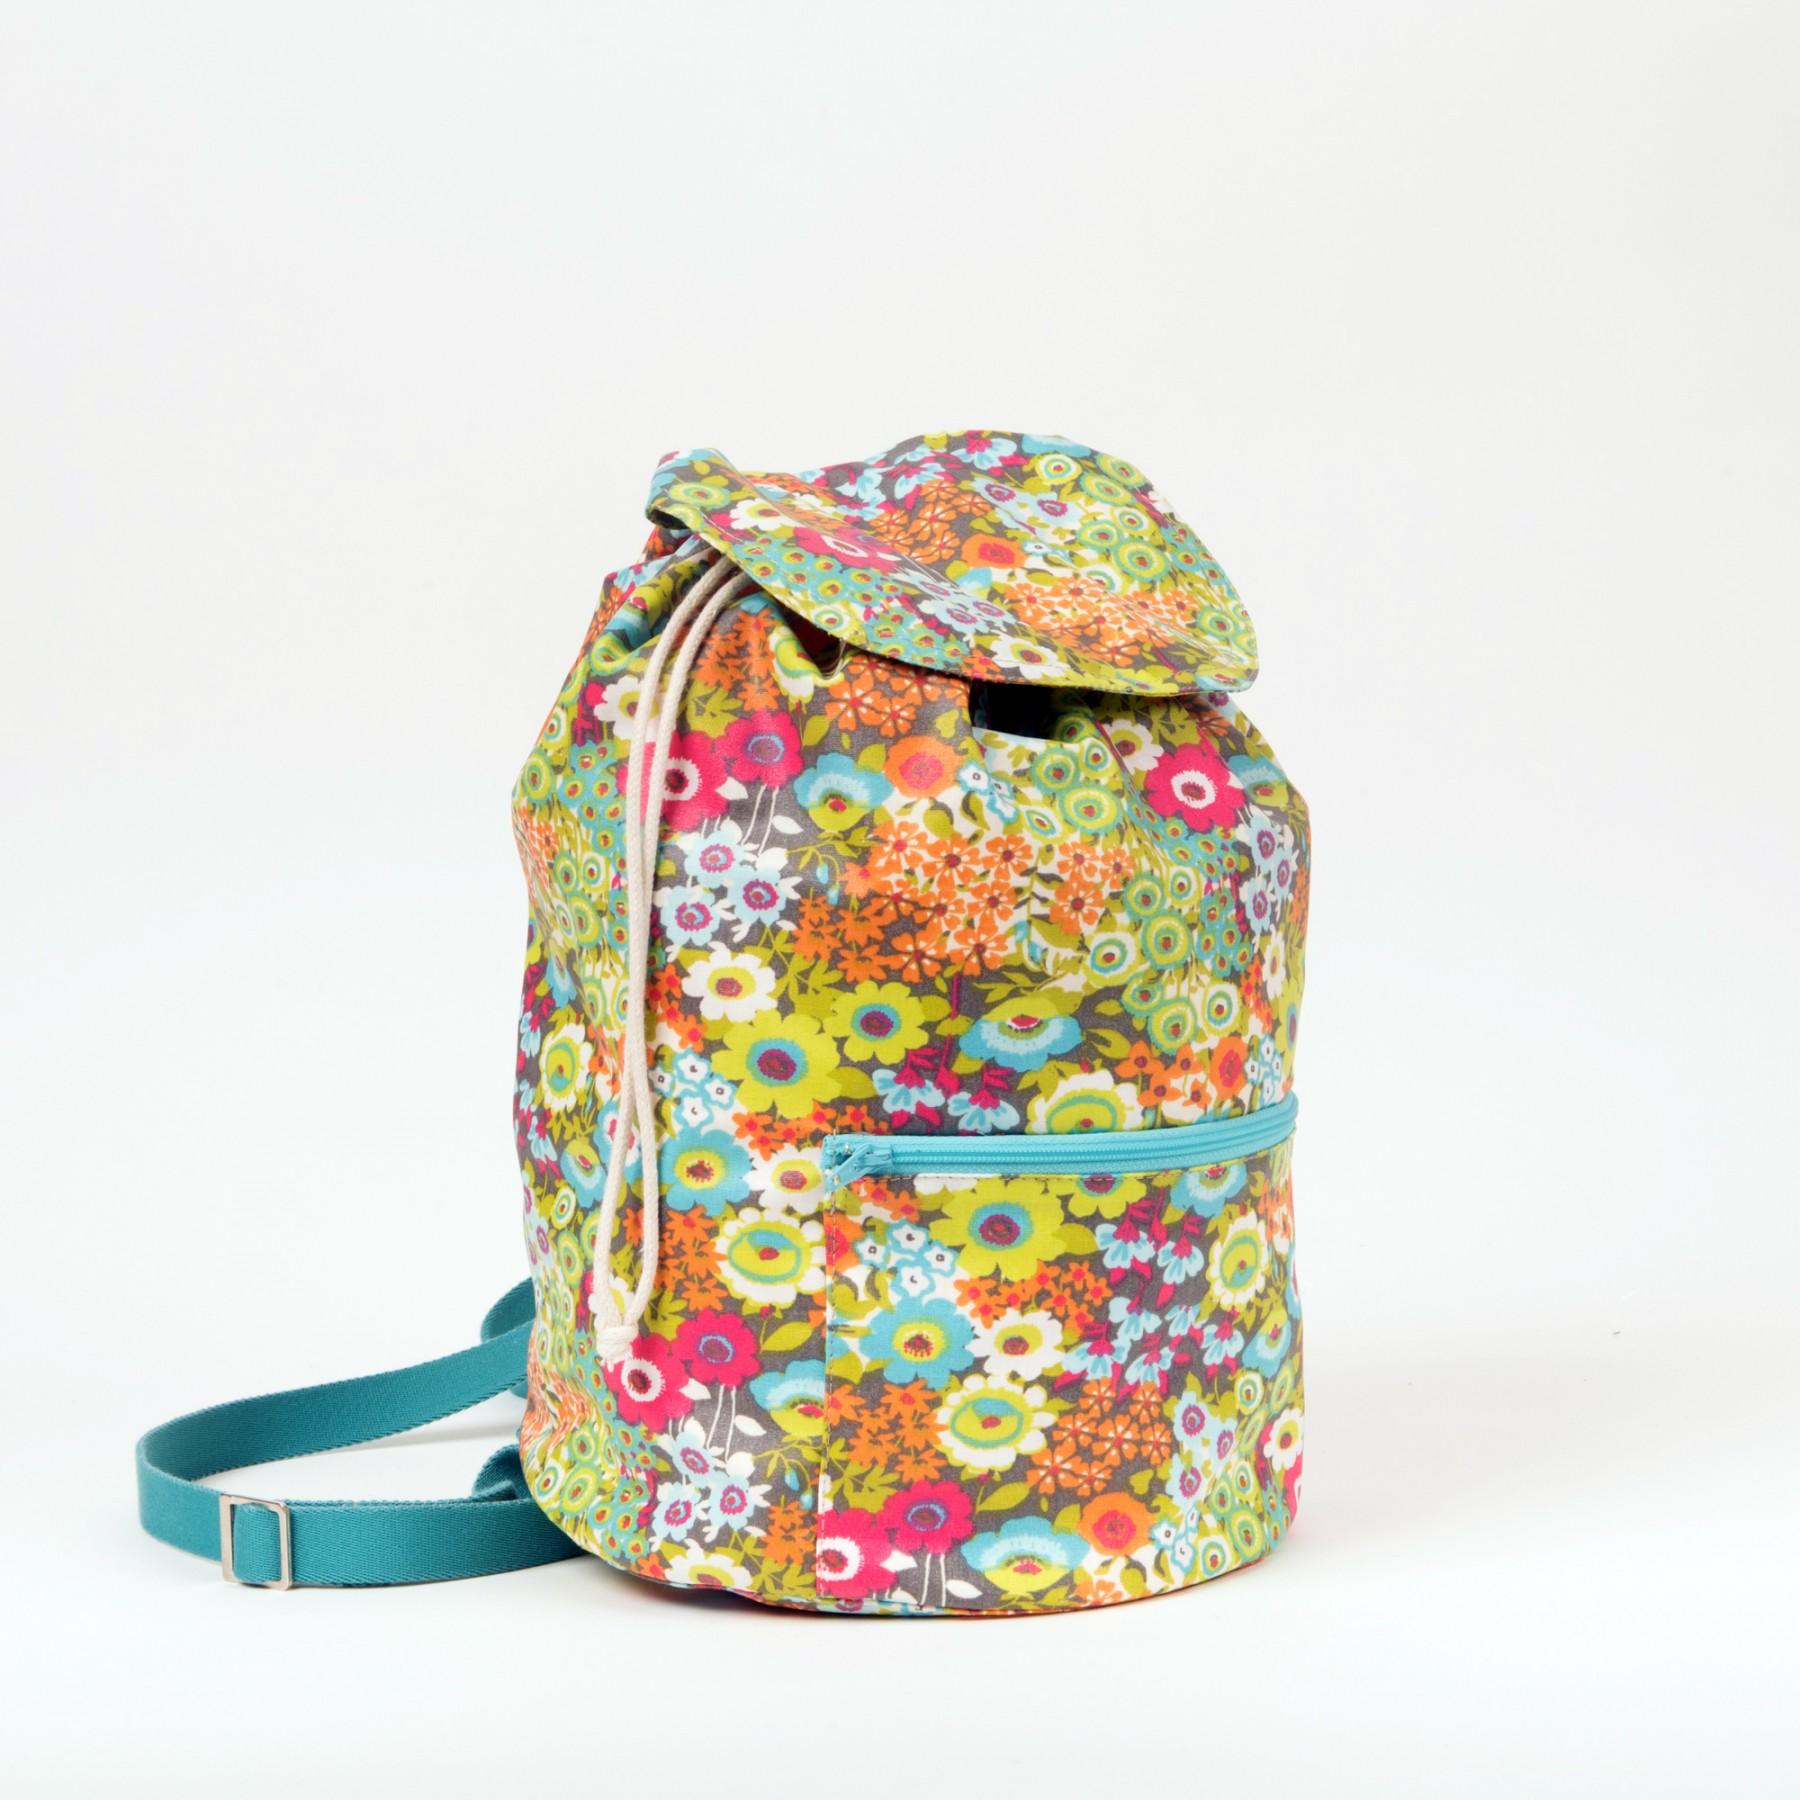 d4d18b91c6 Description : Ce modèle de sac à dos ...